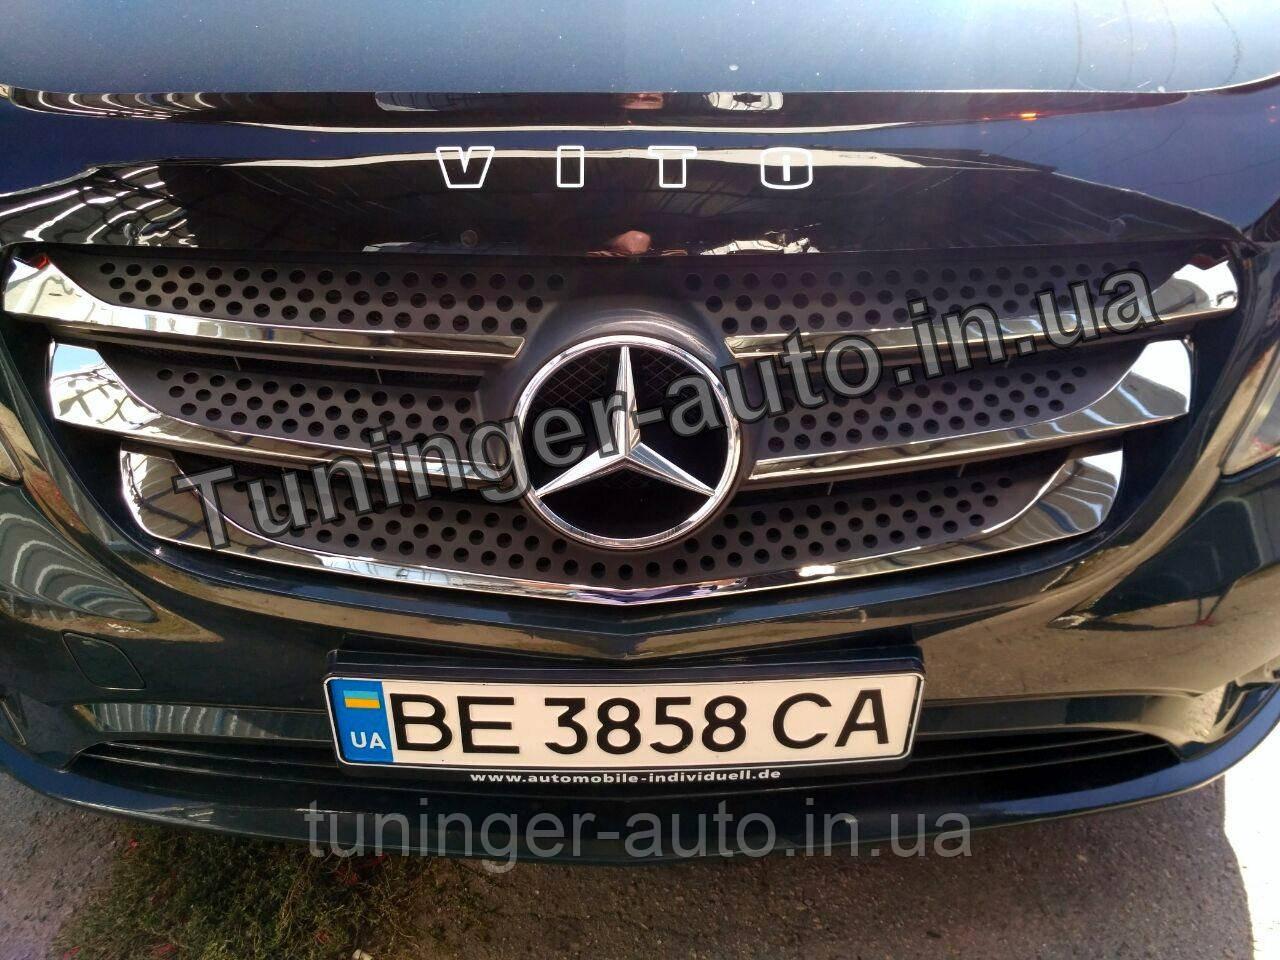 Хром накладки на решетку Mercedes Vito W447 2015-